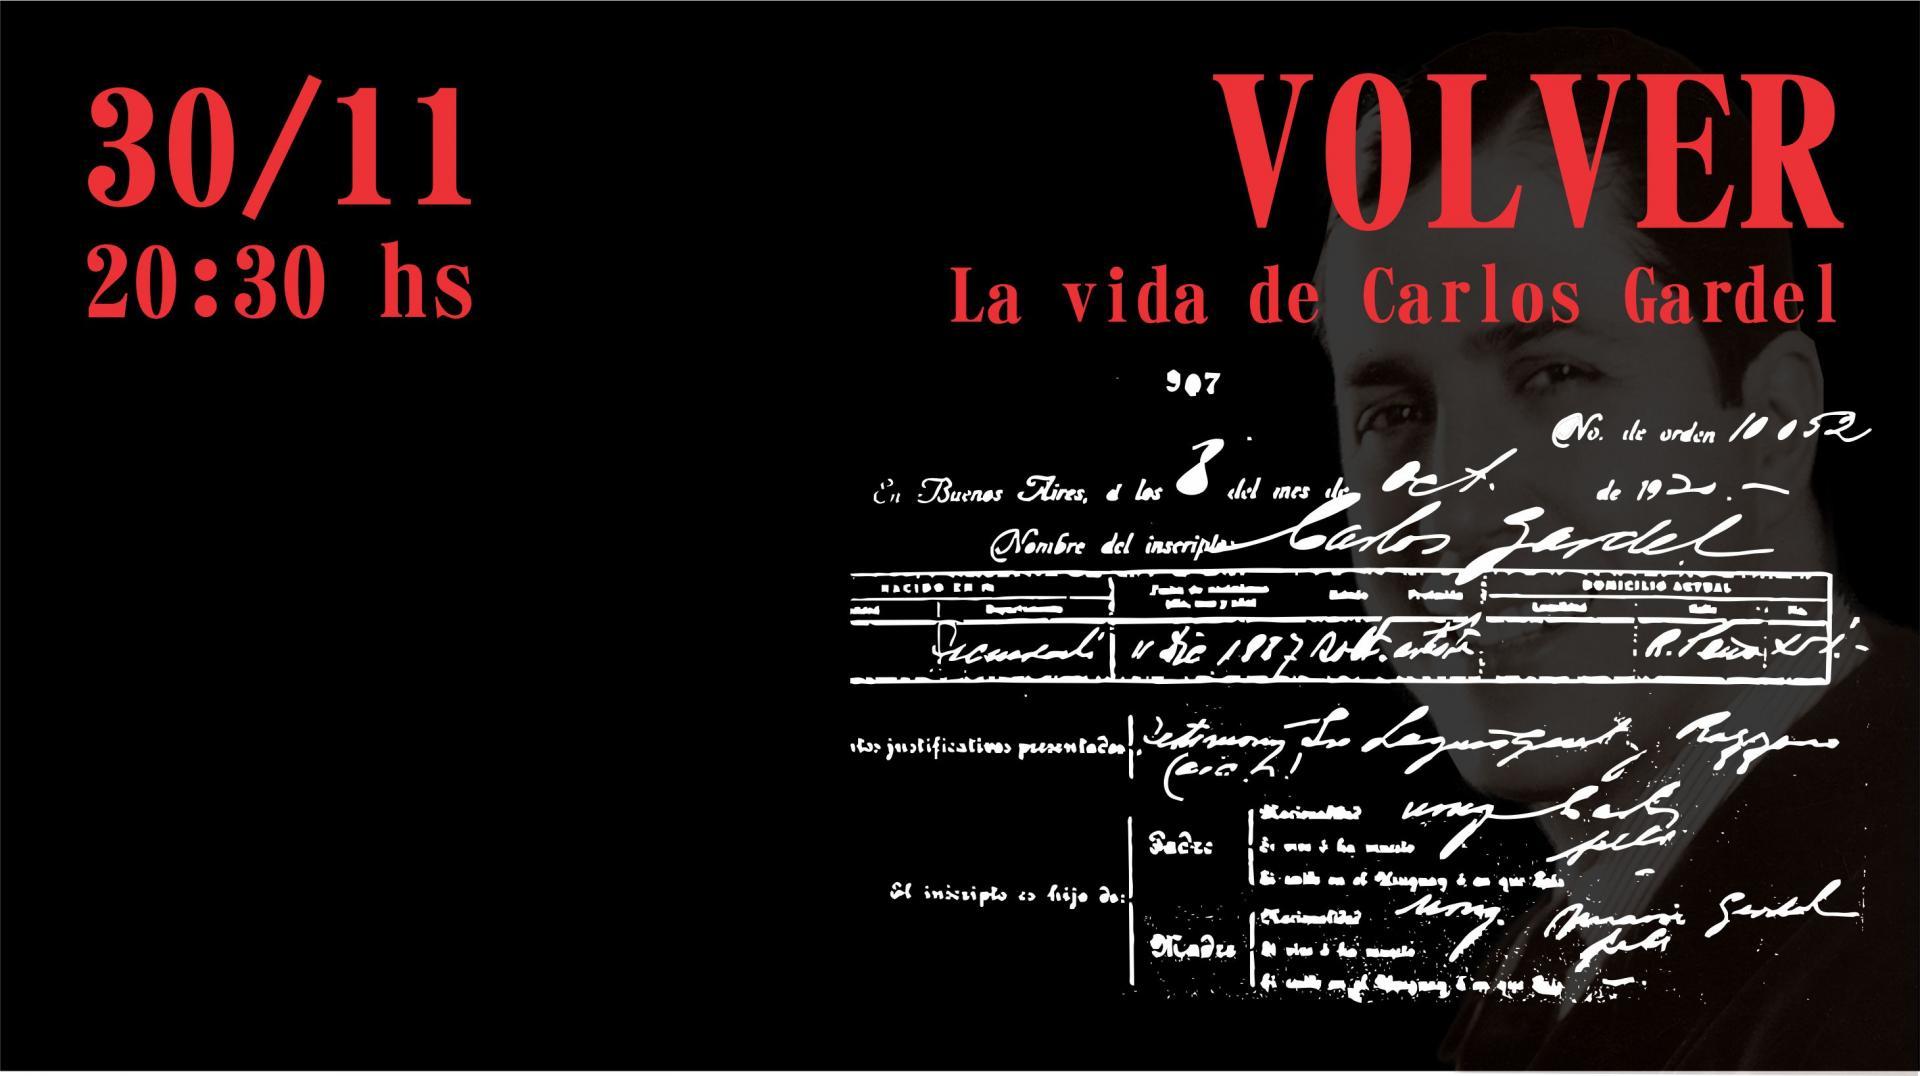 Volver. La vida de Carlos Gardel